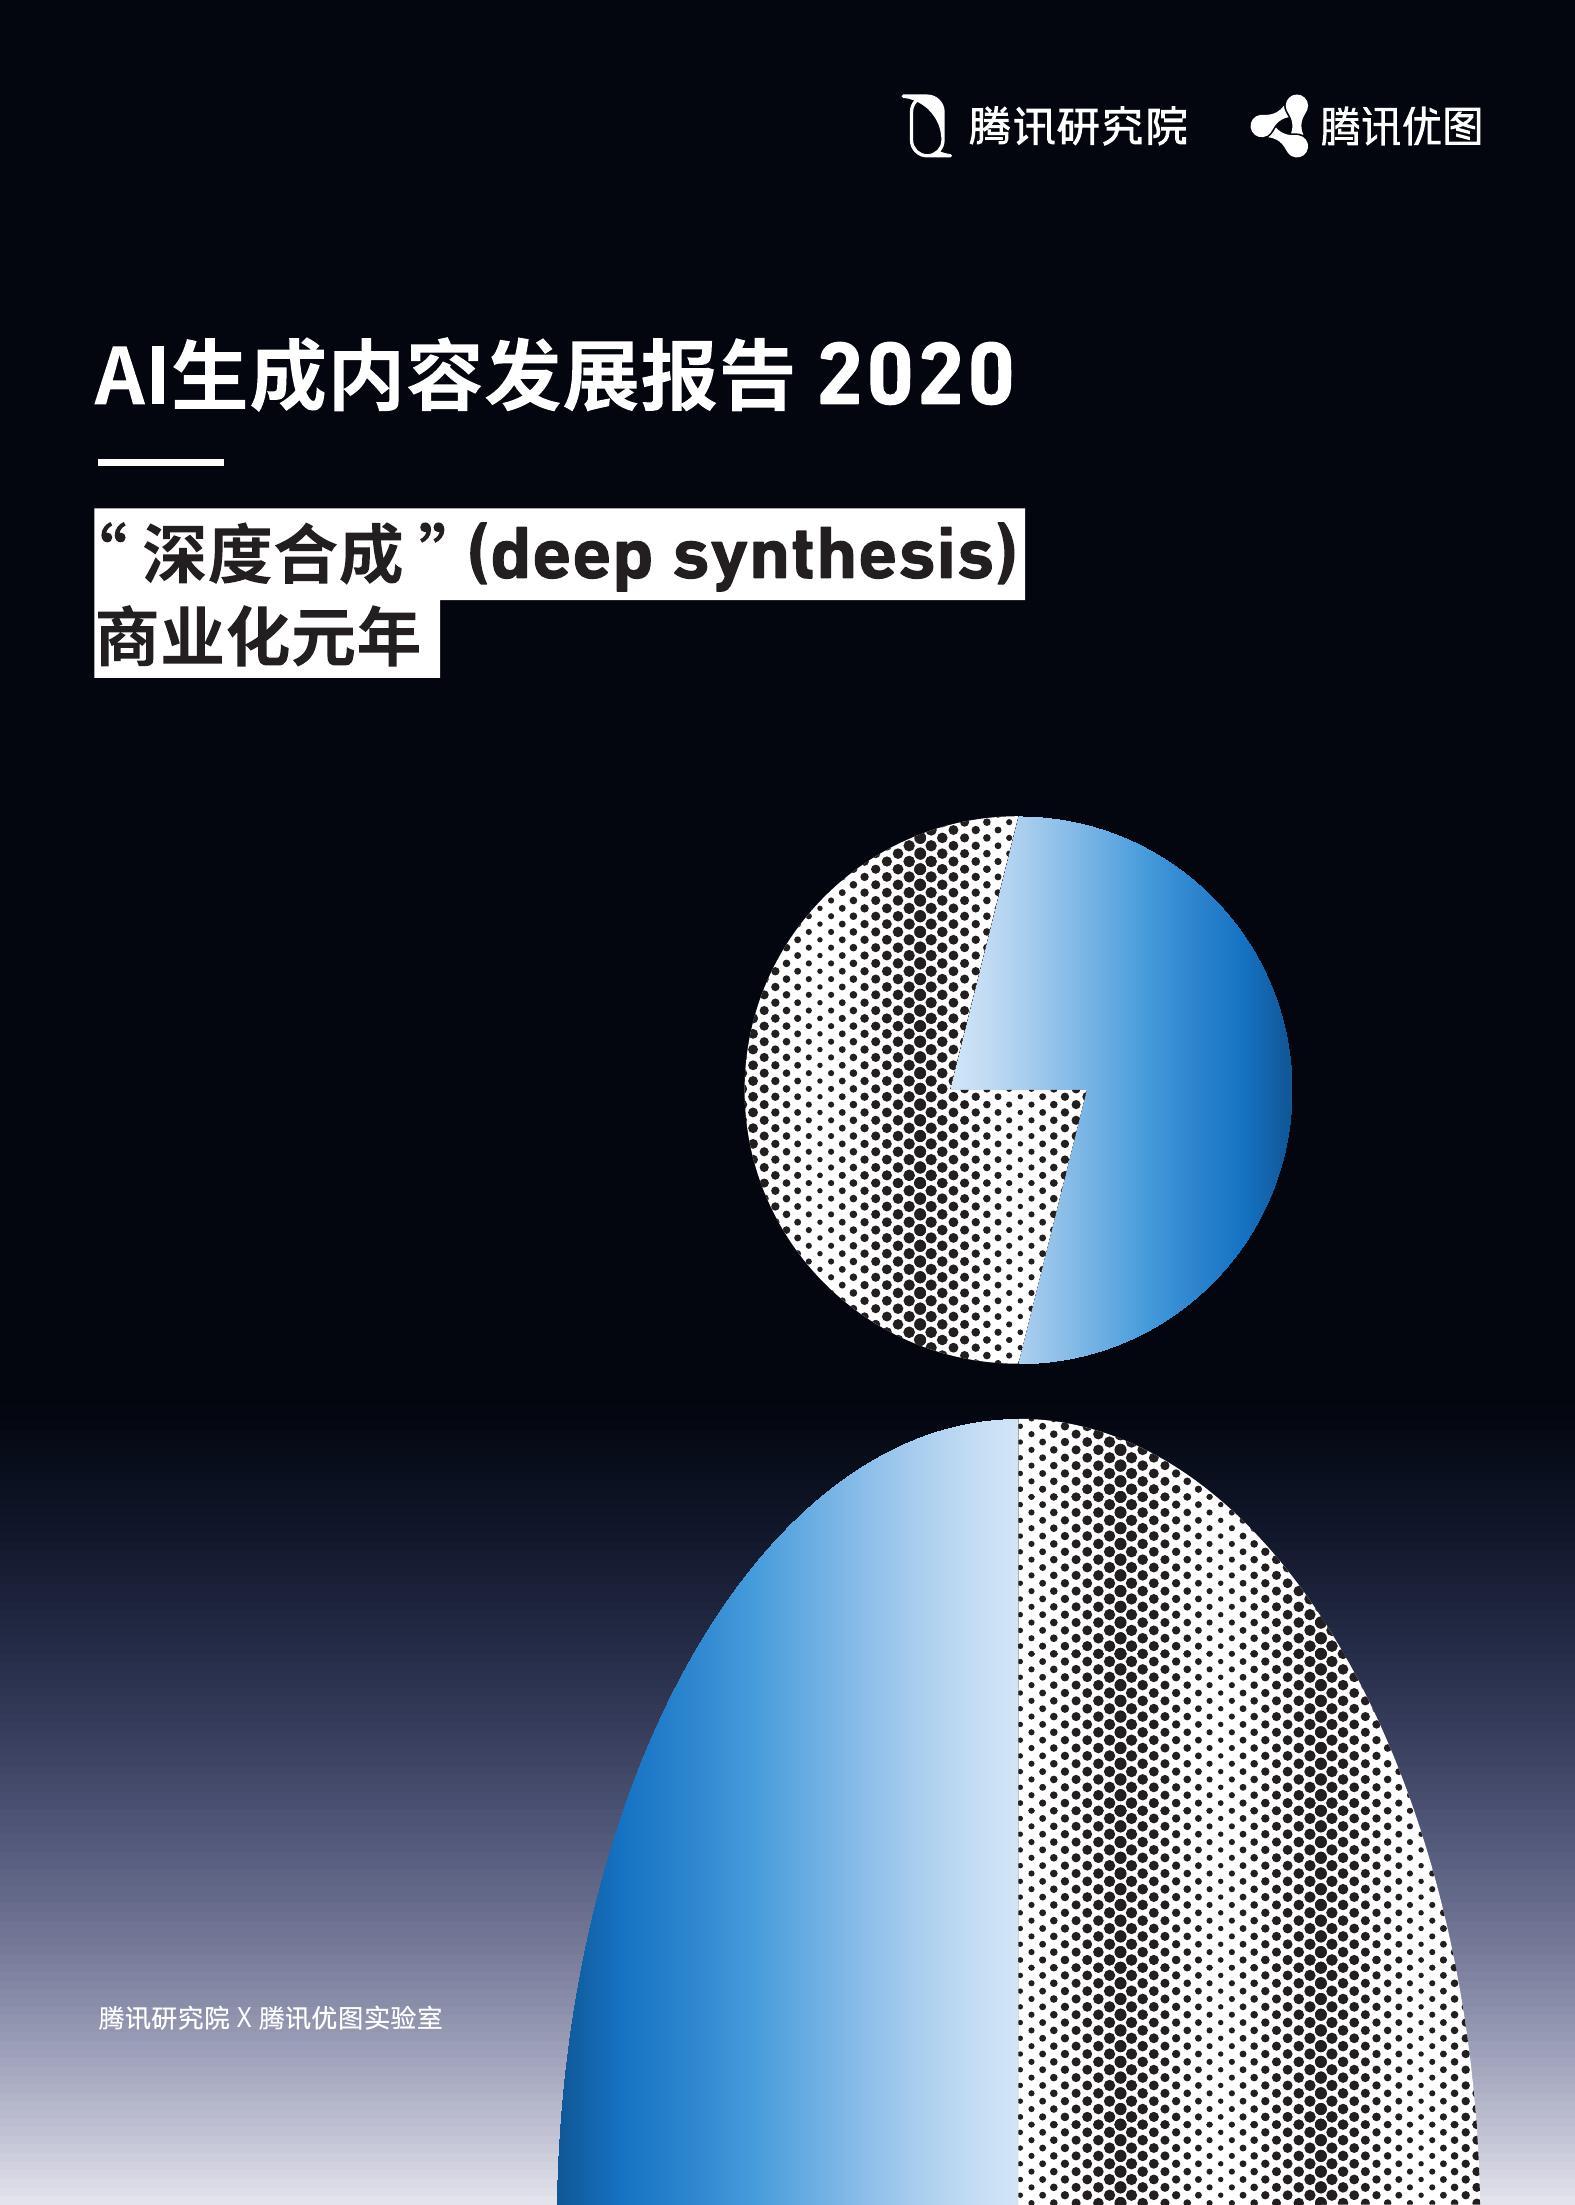 腾讯研究院:2020年AI生成内容发展报告(附下载)